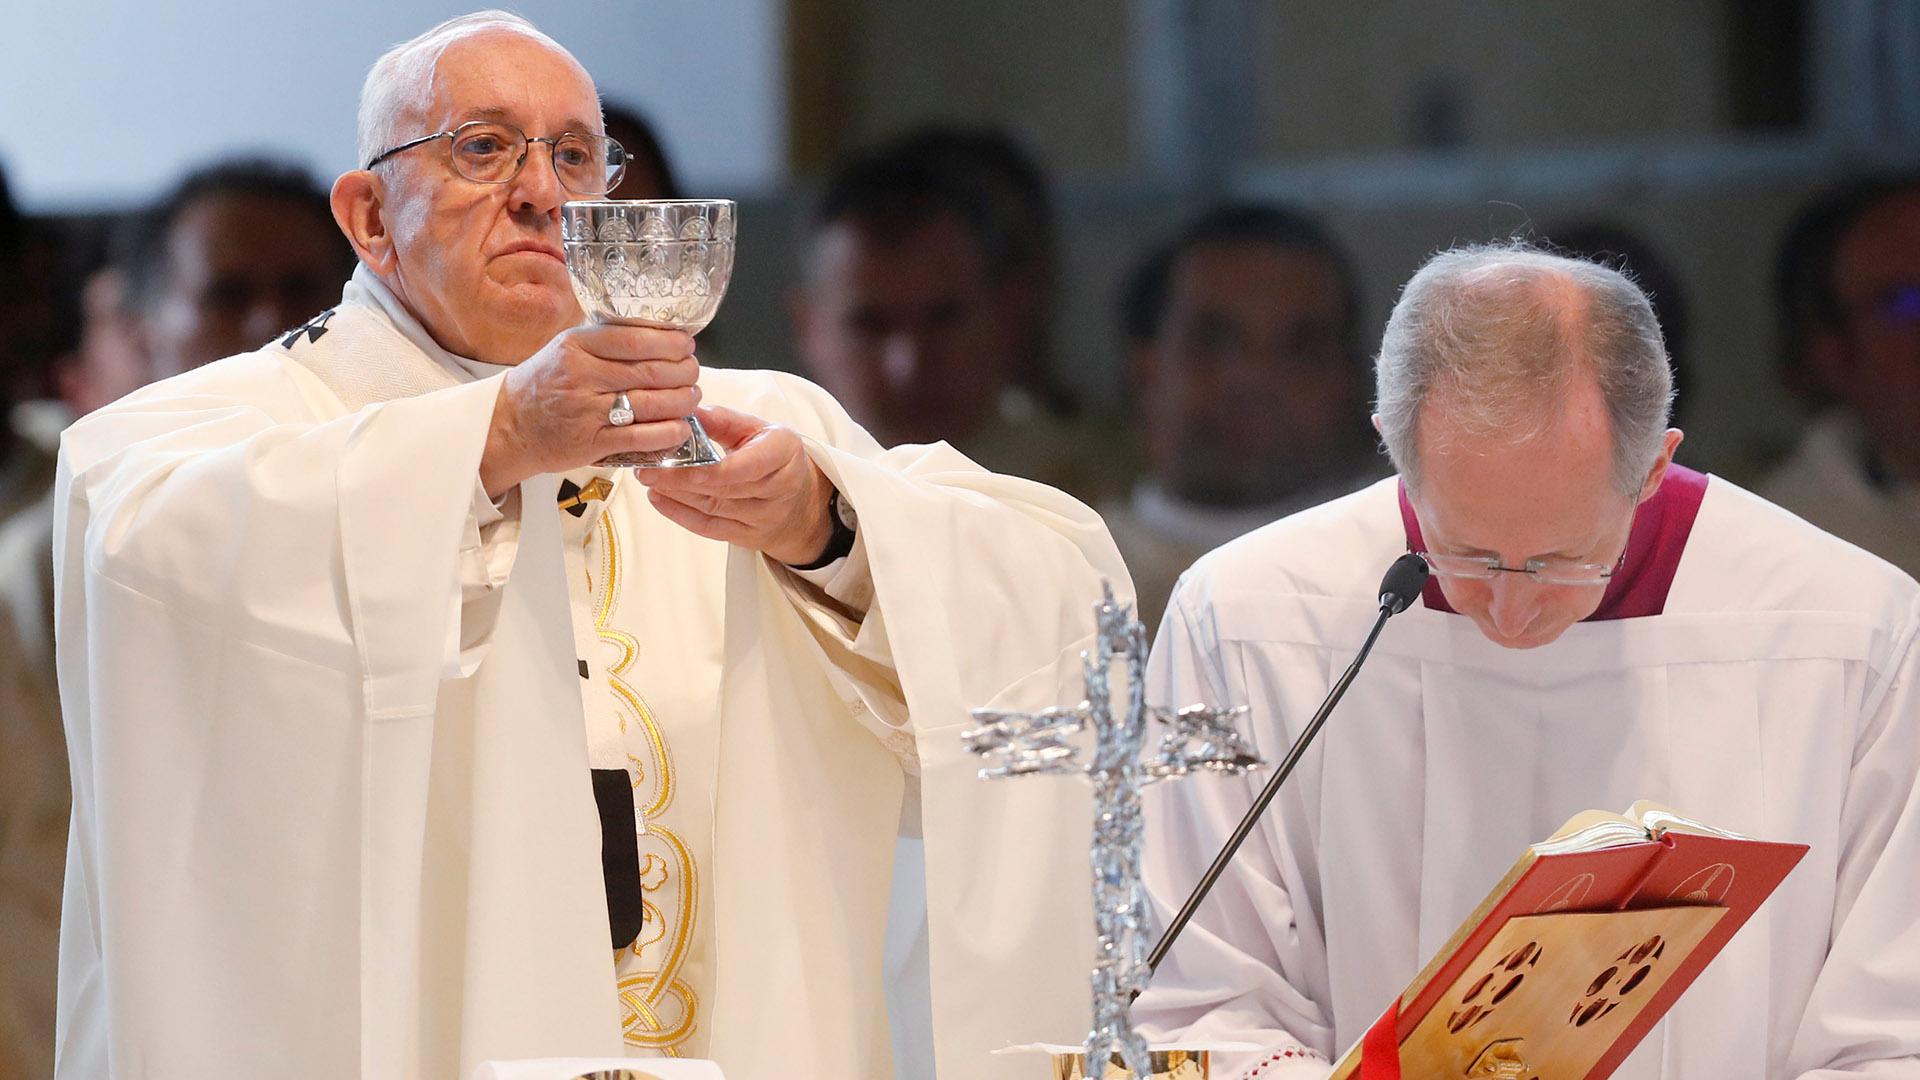 El Papa aseguró que reza por la paz en Siria (REUTERS)